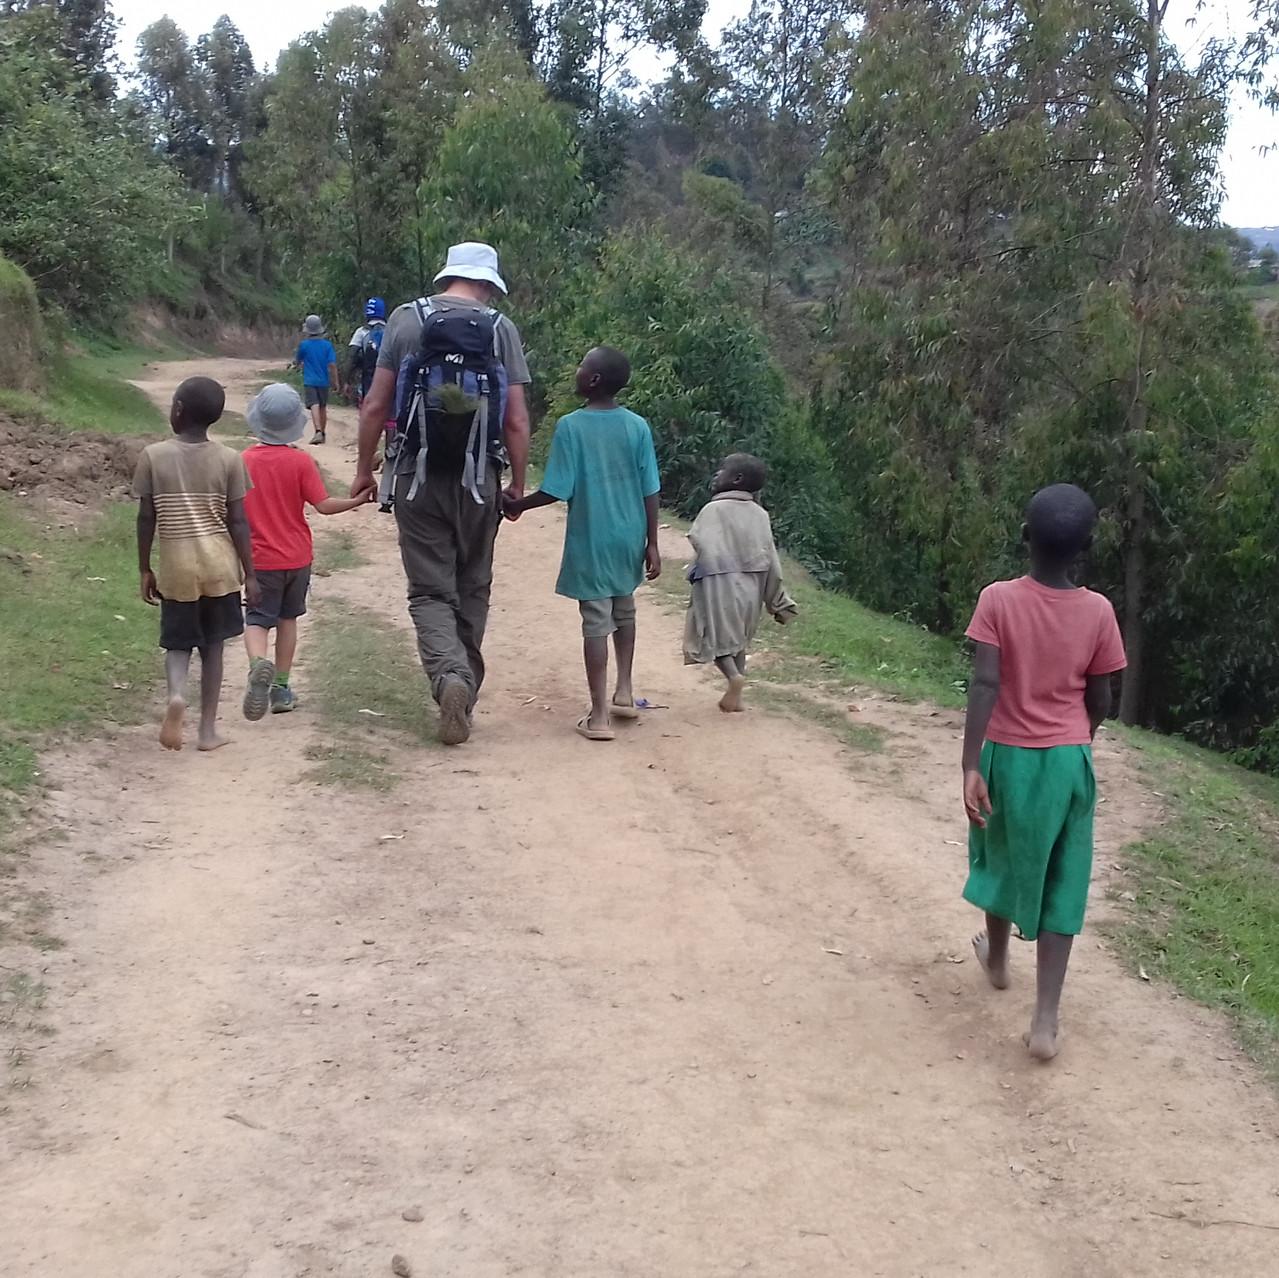 Les enfants marchent avec nous